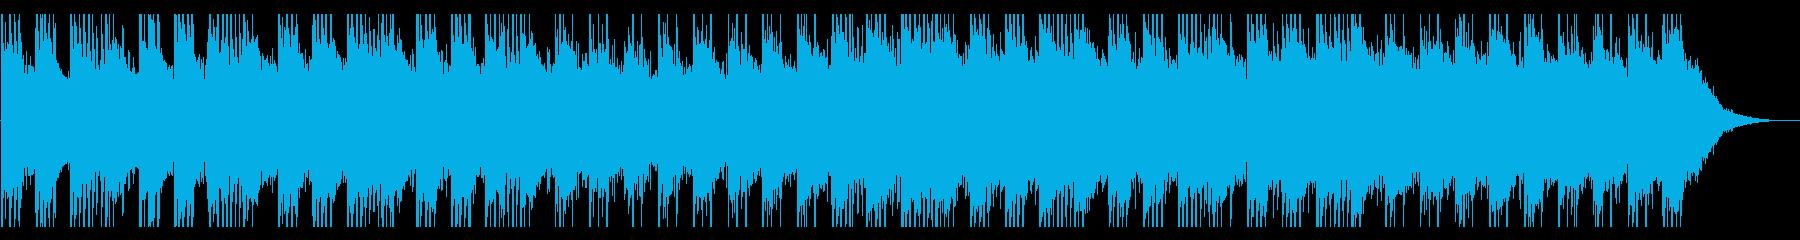 大正琴の日本イメージの曲の再生済みの波形